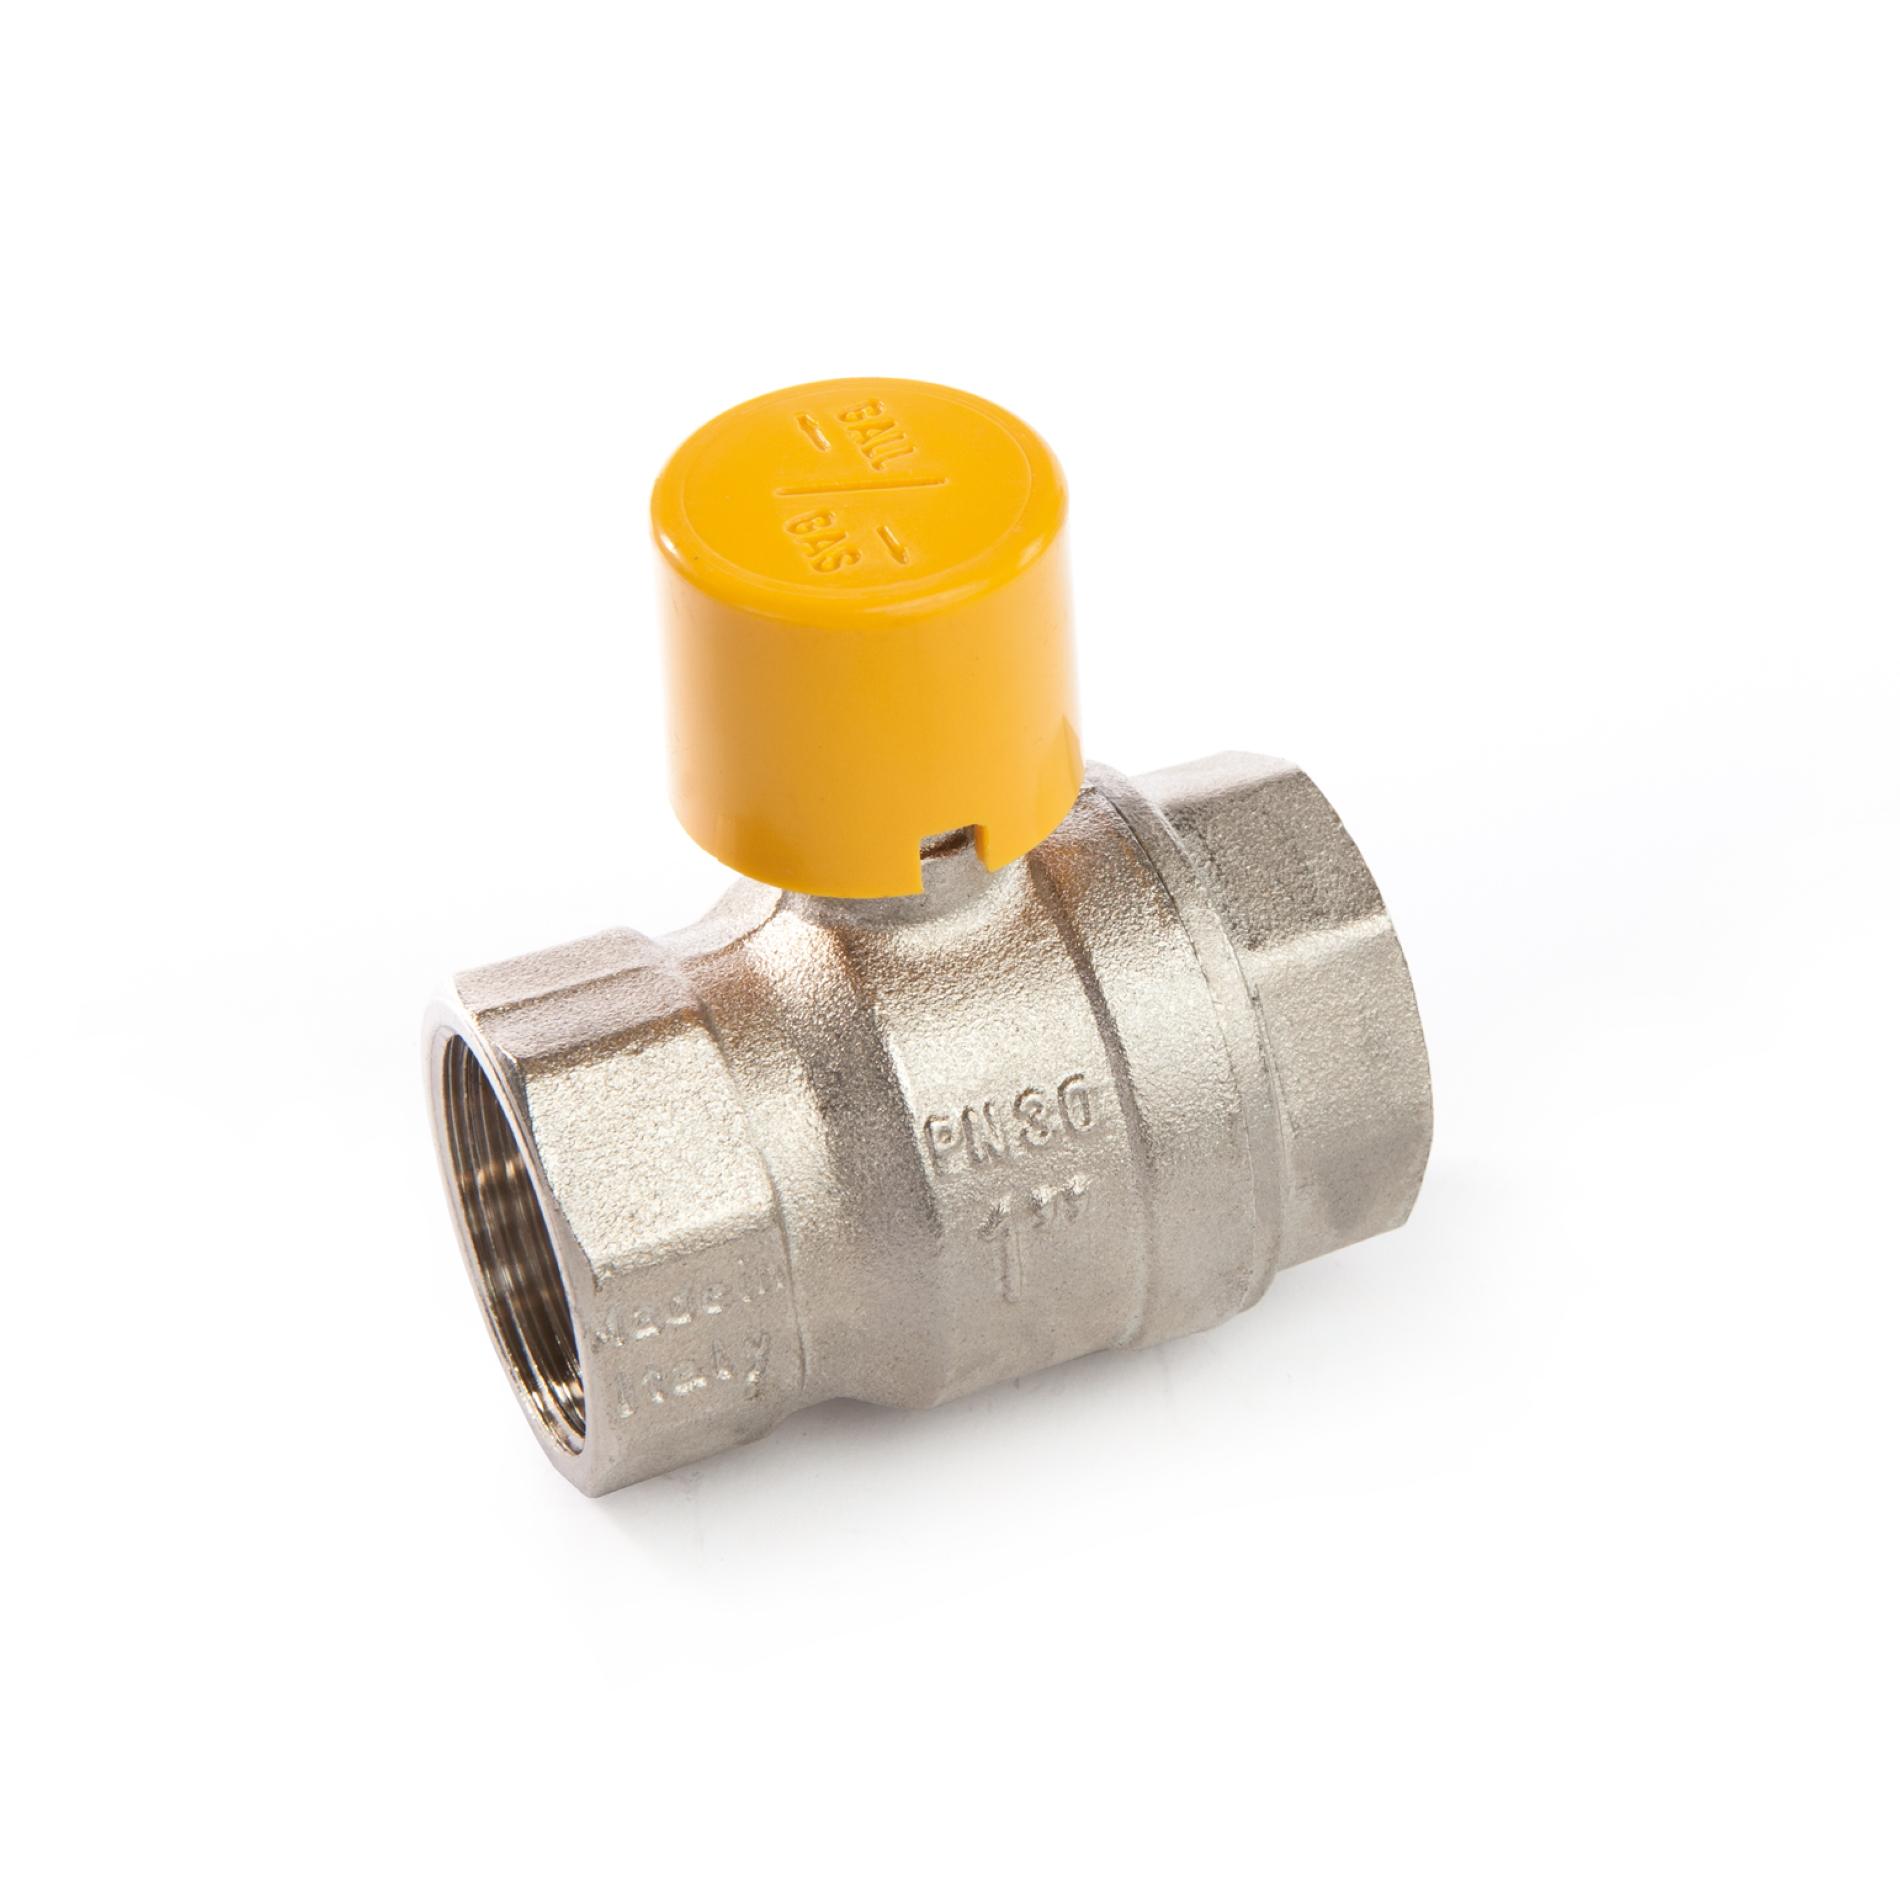 017FCS Valvola a sfera a passaggio totale per gas metano FxF sigillabile Full bore lockable ball valve